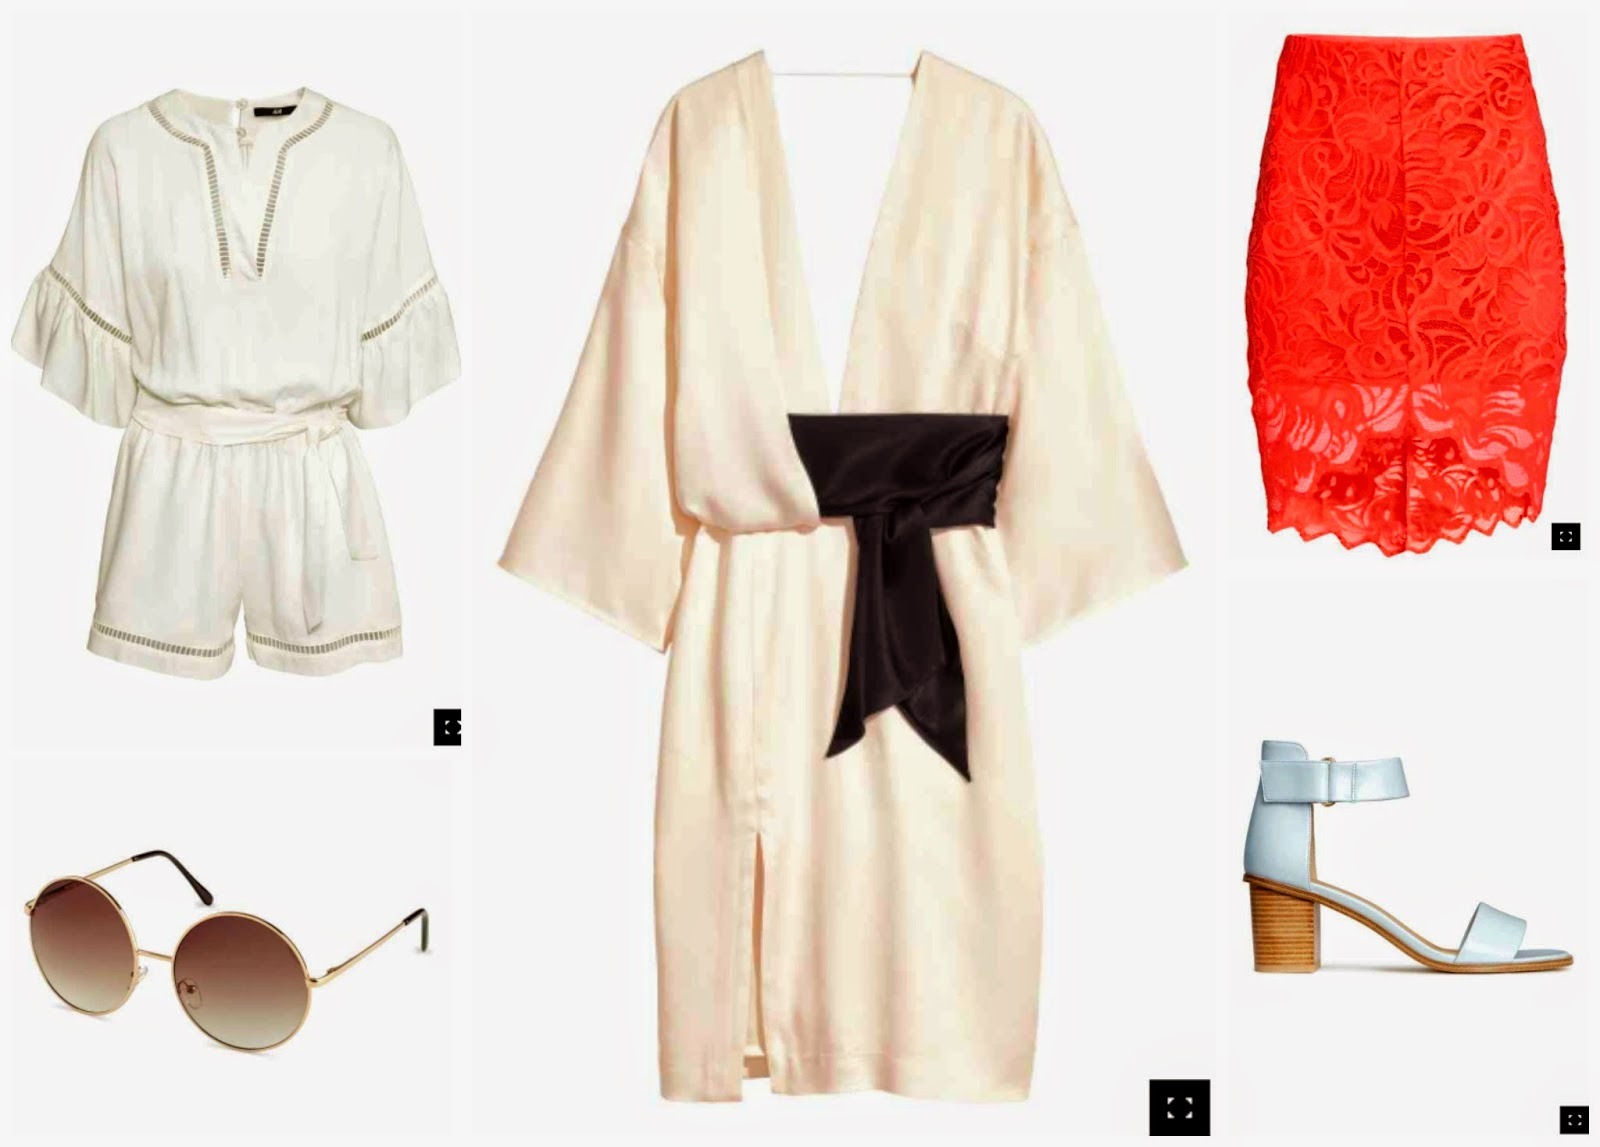 H&M webshop favourites